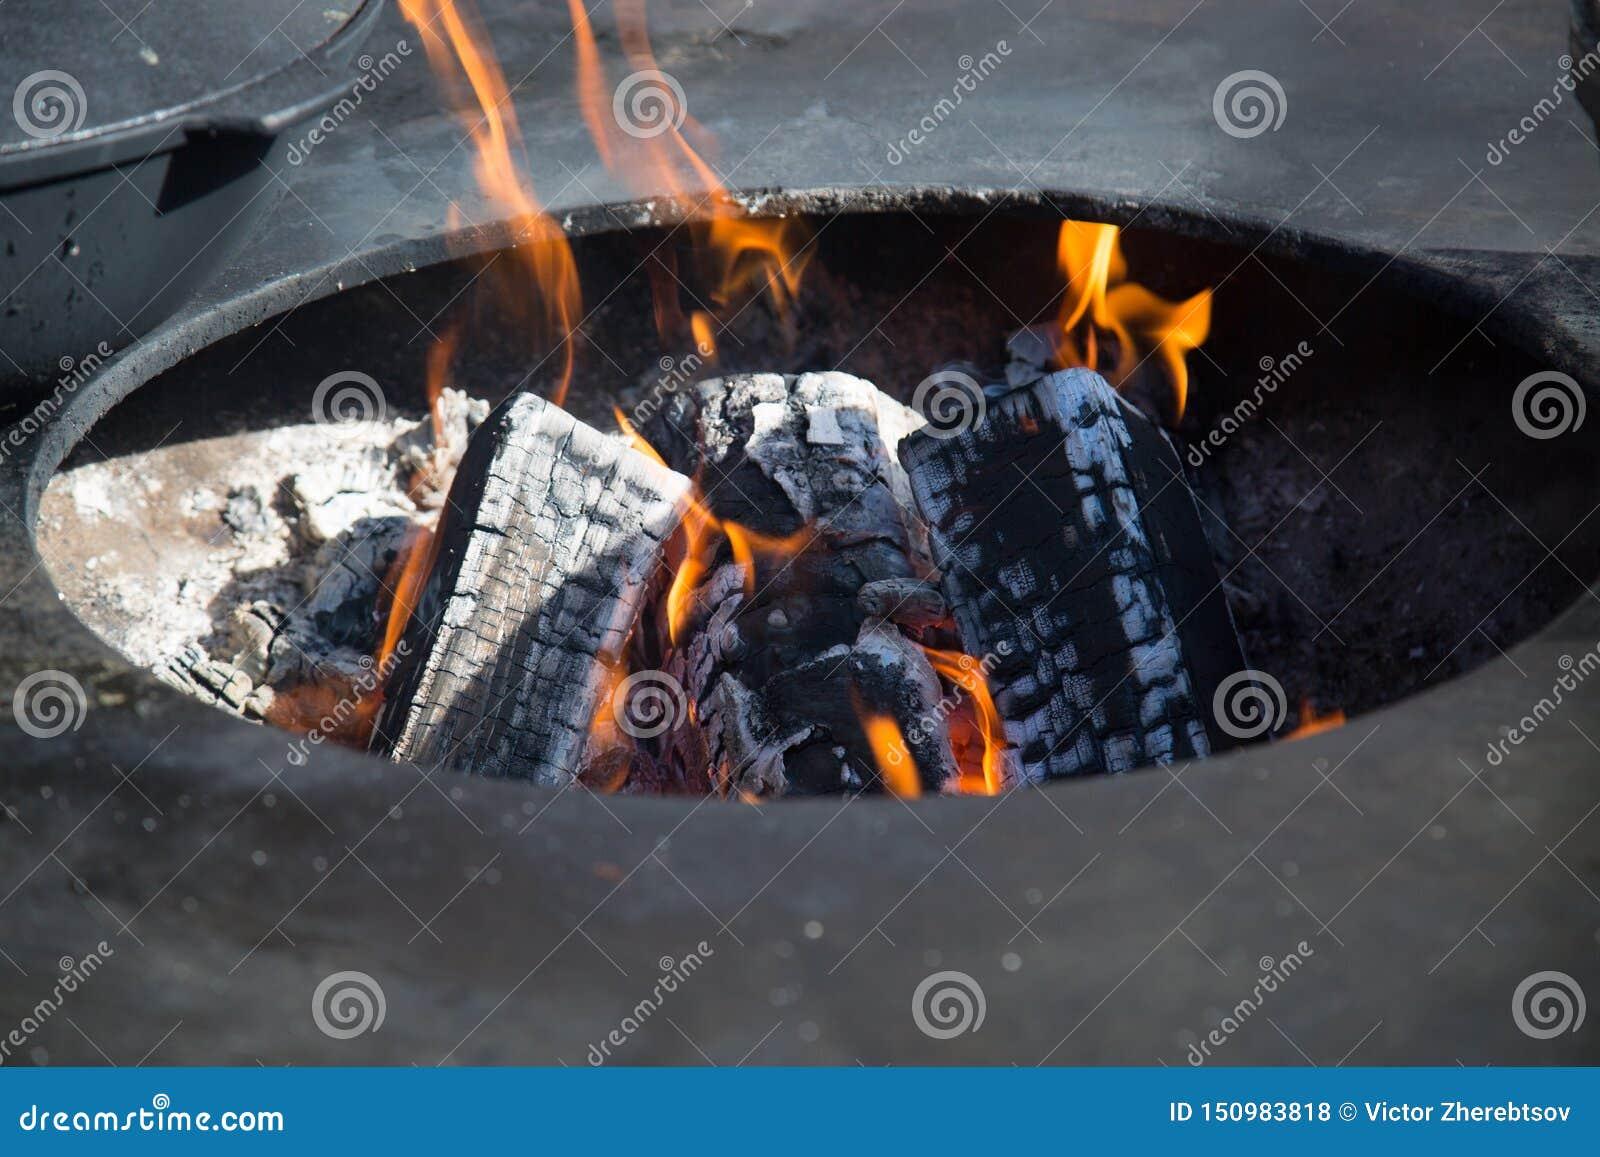 Ansicht des Feuers mit Kohlen im ovalen Loch des Messingarbeiters